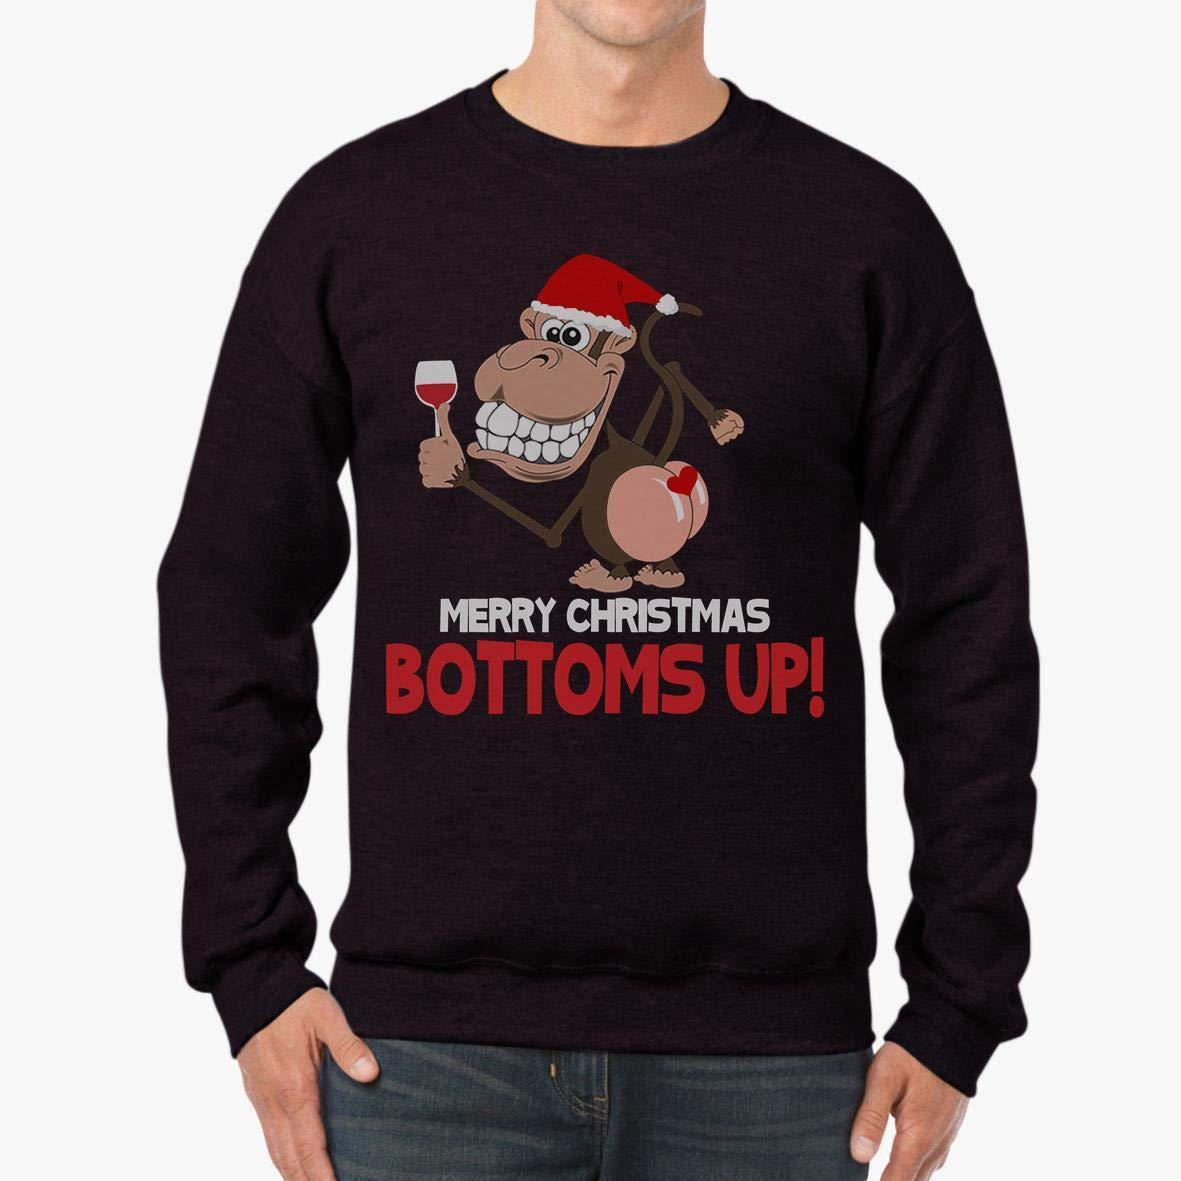 tee Doryti Monkey Wine Merry Christmas Bottoms up Unisex Sweatshirt